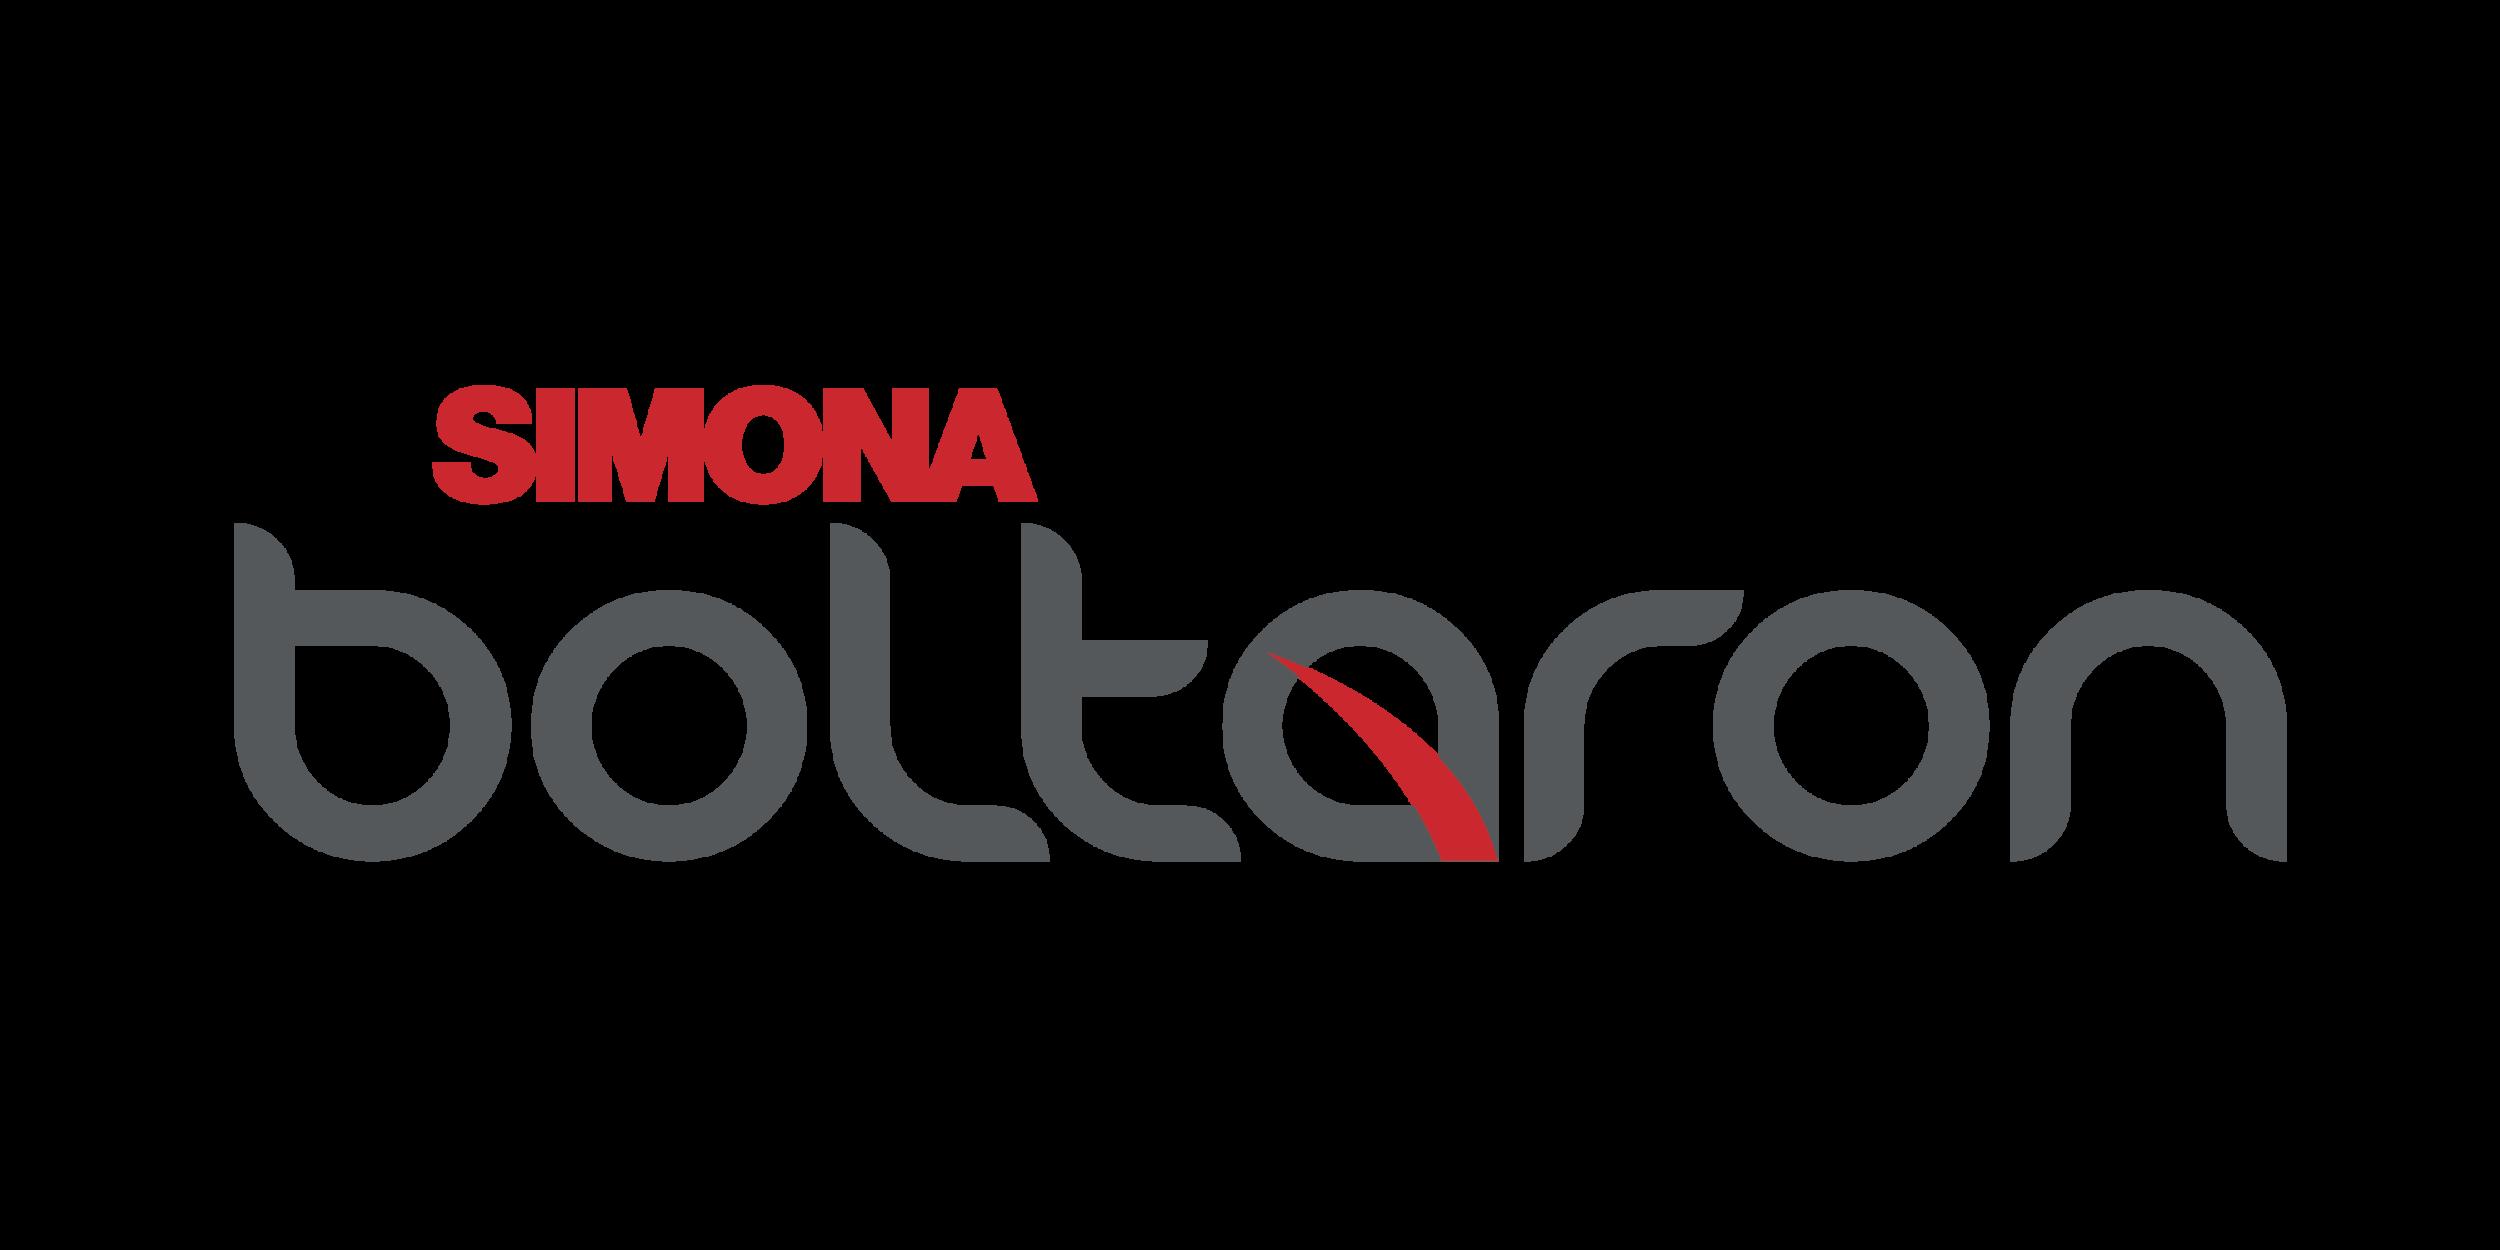 Boltaron_Logo-01.png